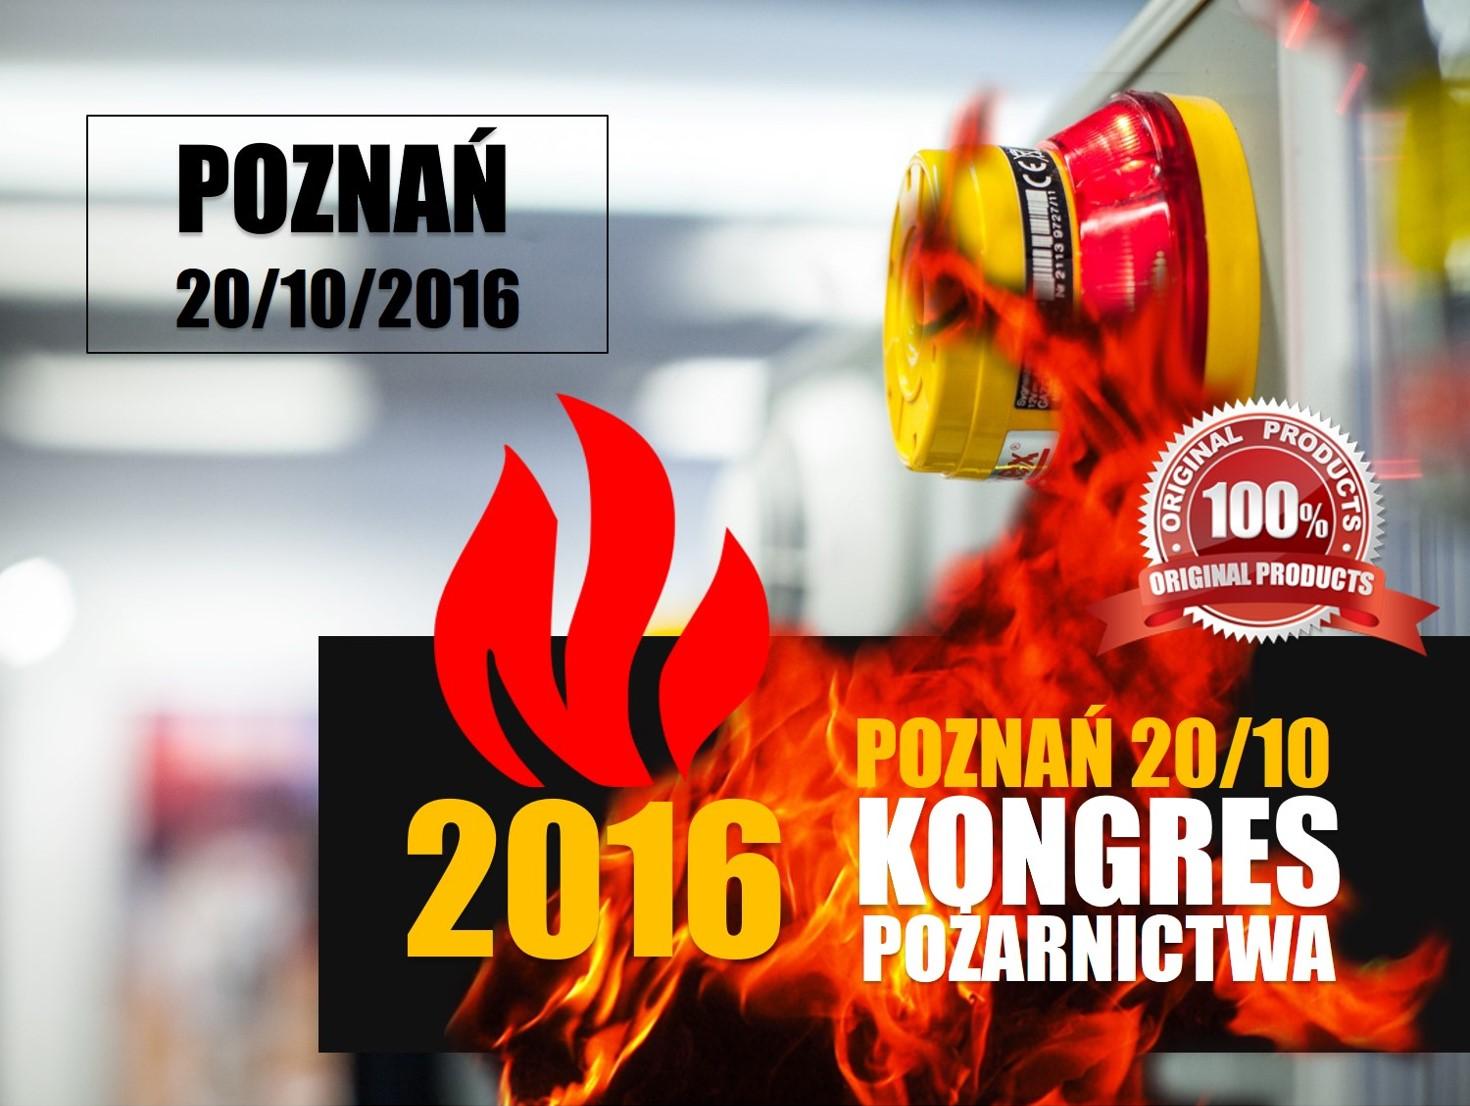 KONGRES POŻARNICTWA FIRE-POZNAŃ 2016